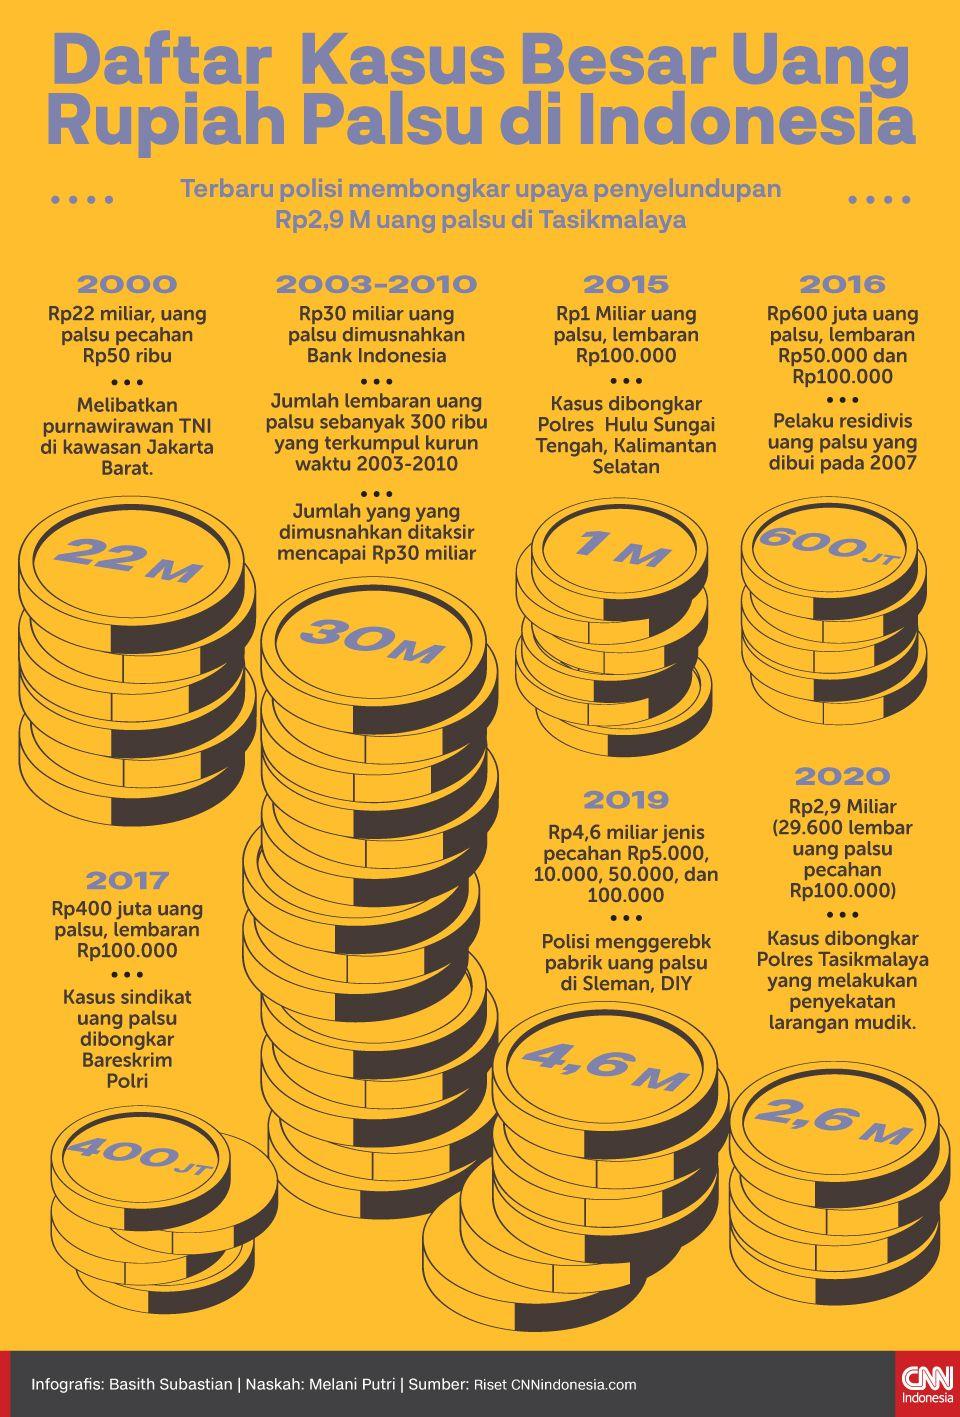 Infografis Daftar Kasus Besar Uang Rupiah Palsu di Indonesia